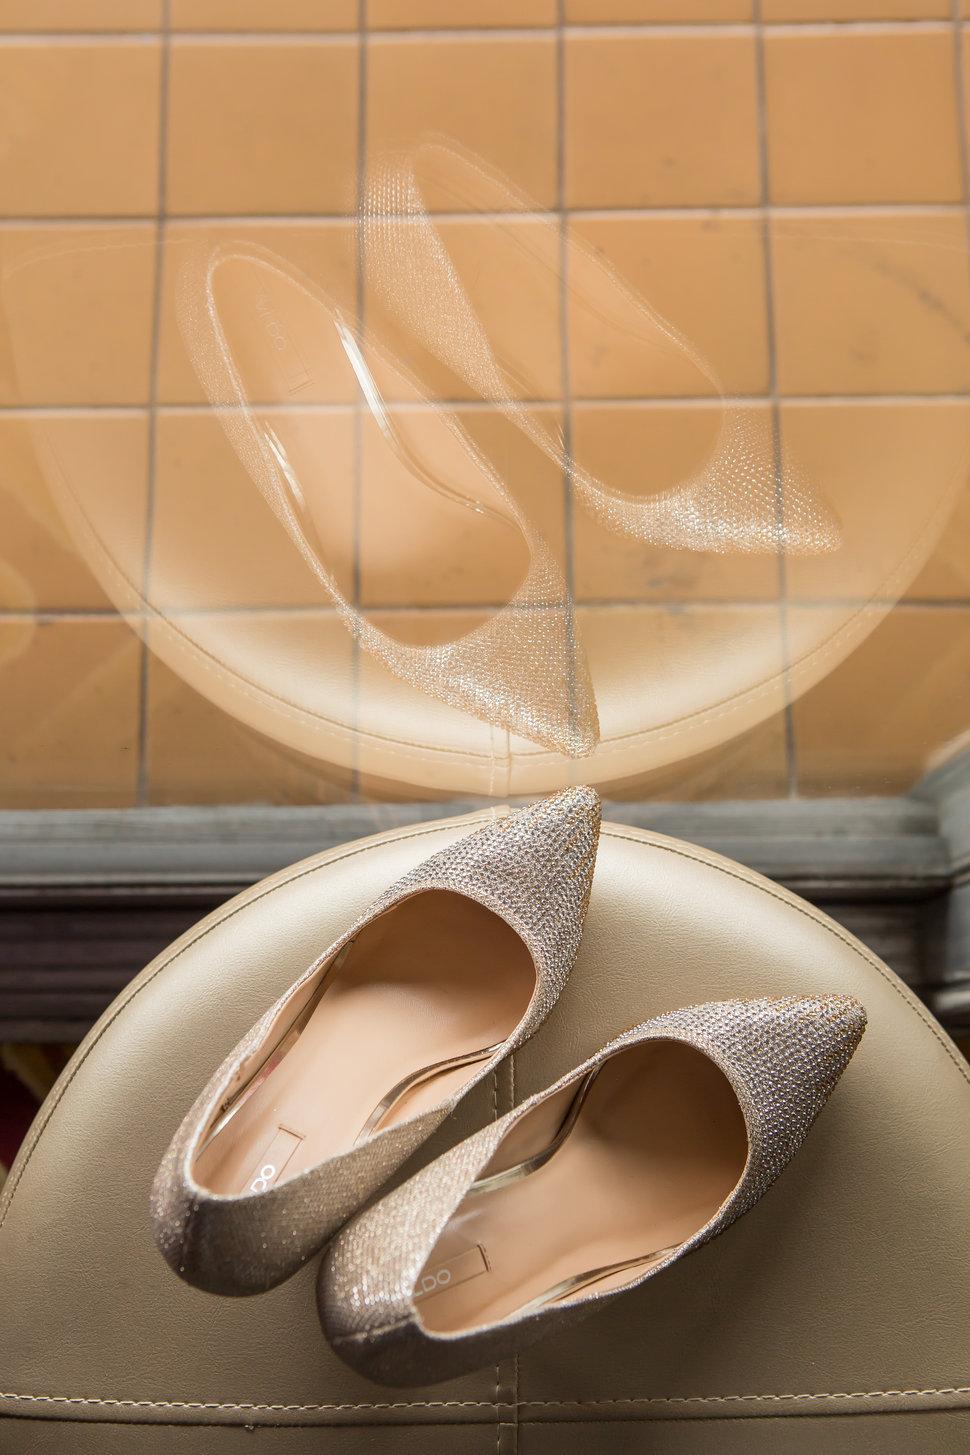 [台北婚攝] 文訂迎娶儀式_台北圓山大飯店(編號:431873) - Allen影像團隊 Love Story - 結婚吧